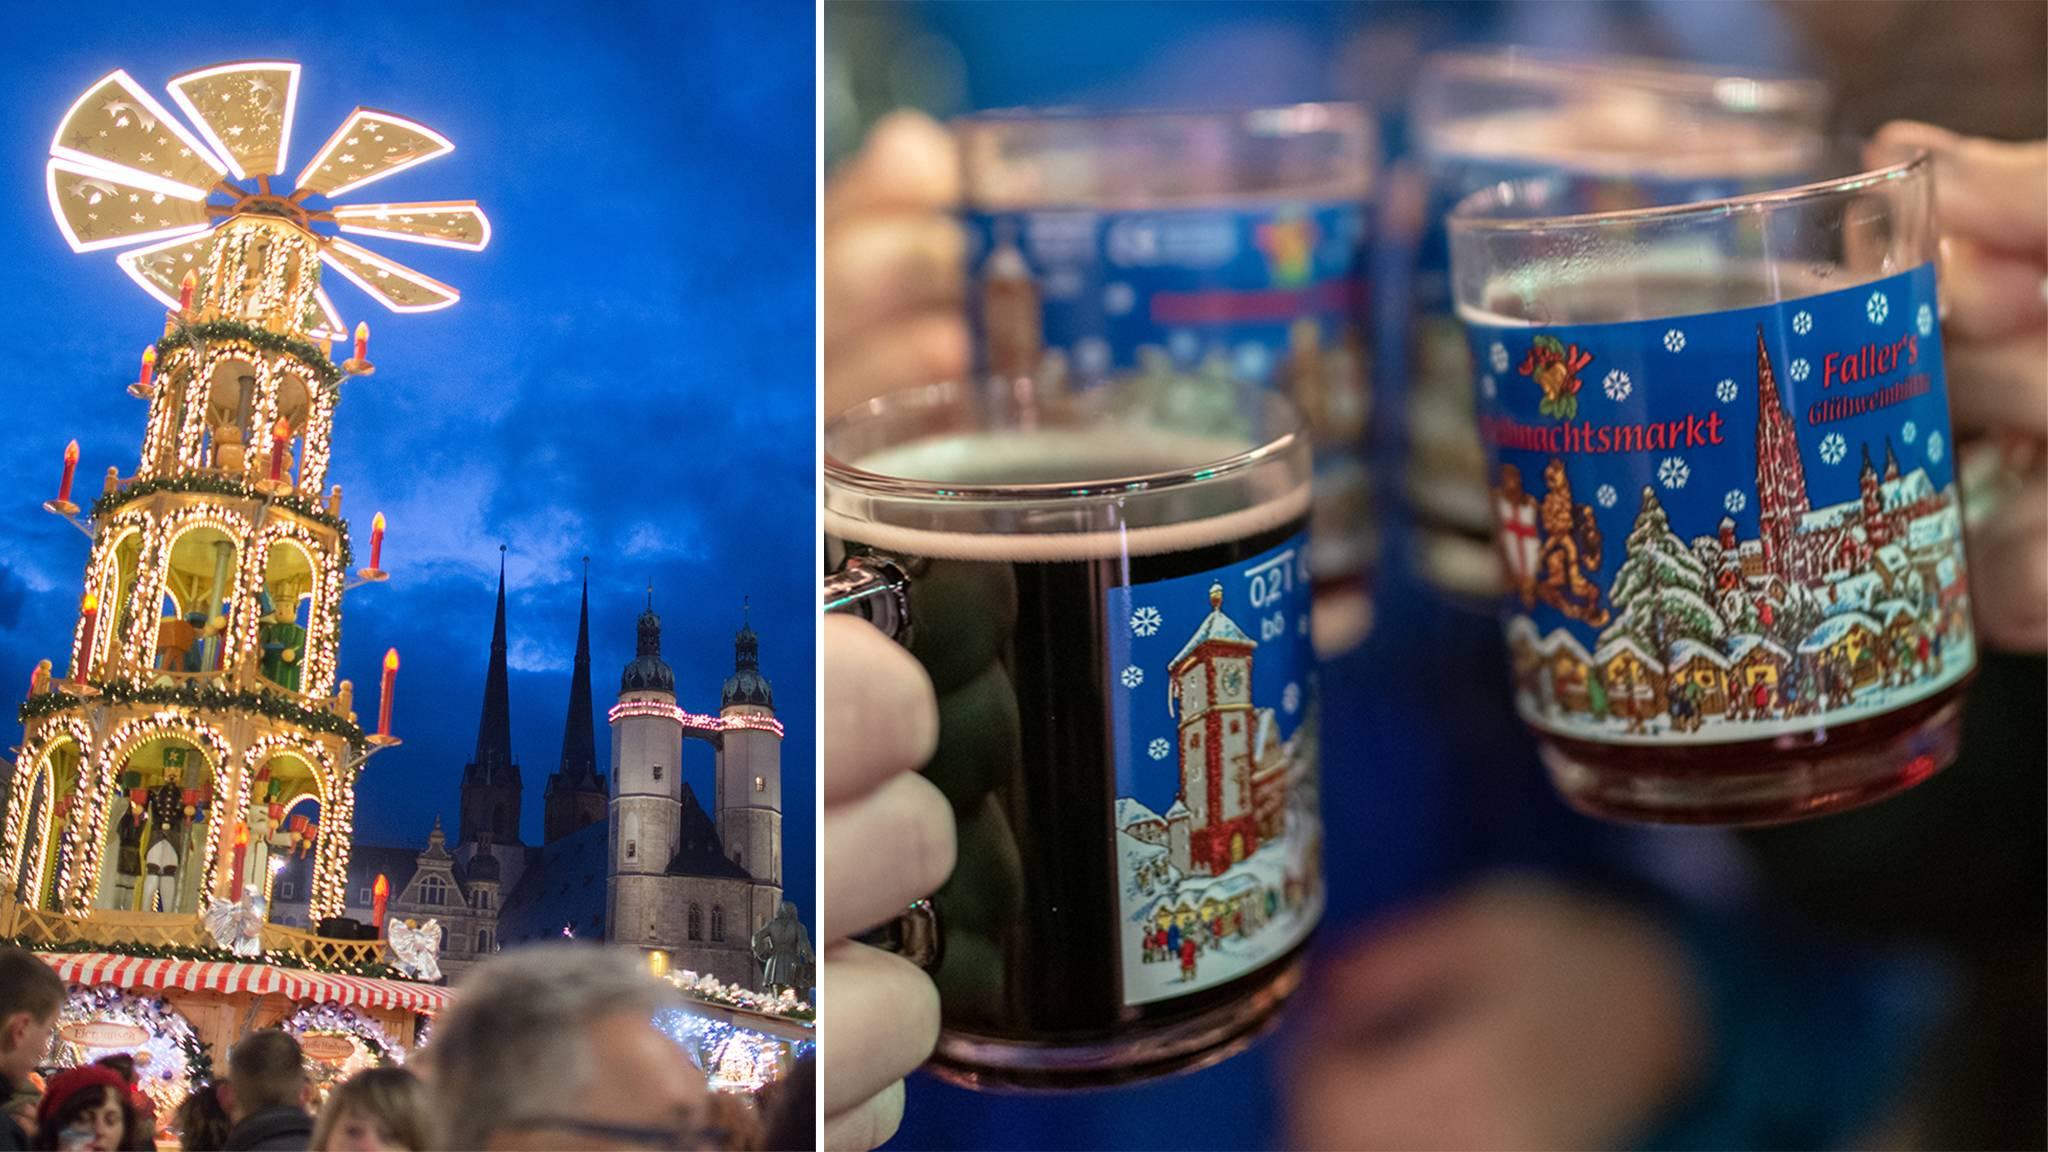 Was Kostet Glühwein Auf Dem Weihnachtsmarkt 2019.Glühwein Geschäft Jeder Becher Macht 1000 Prozent Gewinn Stern De